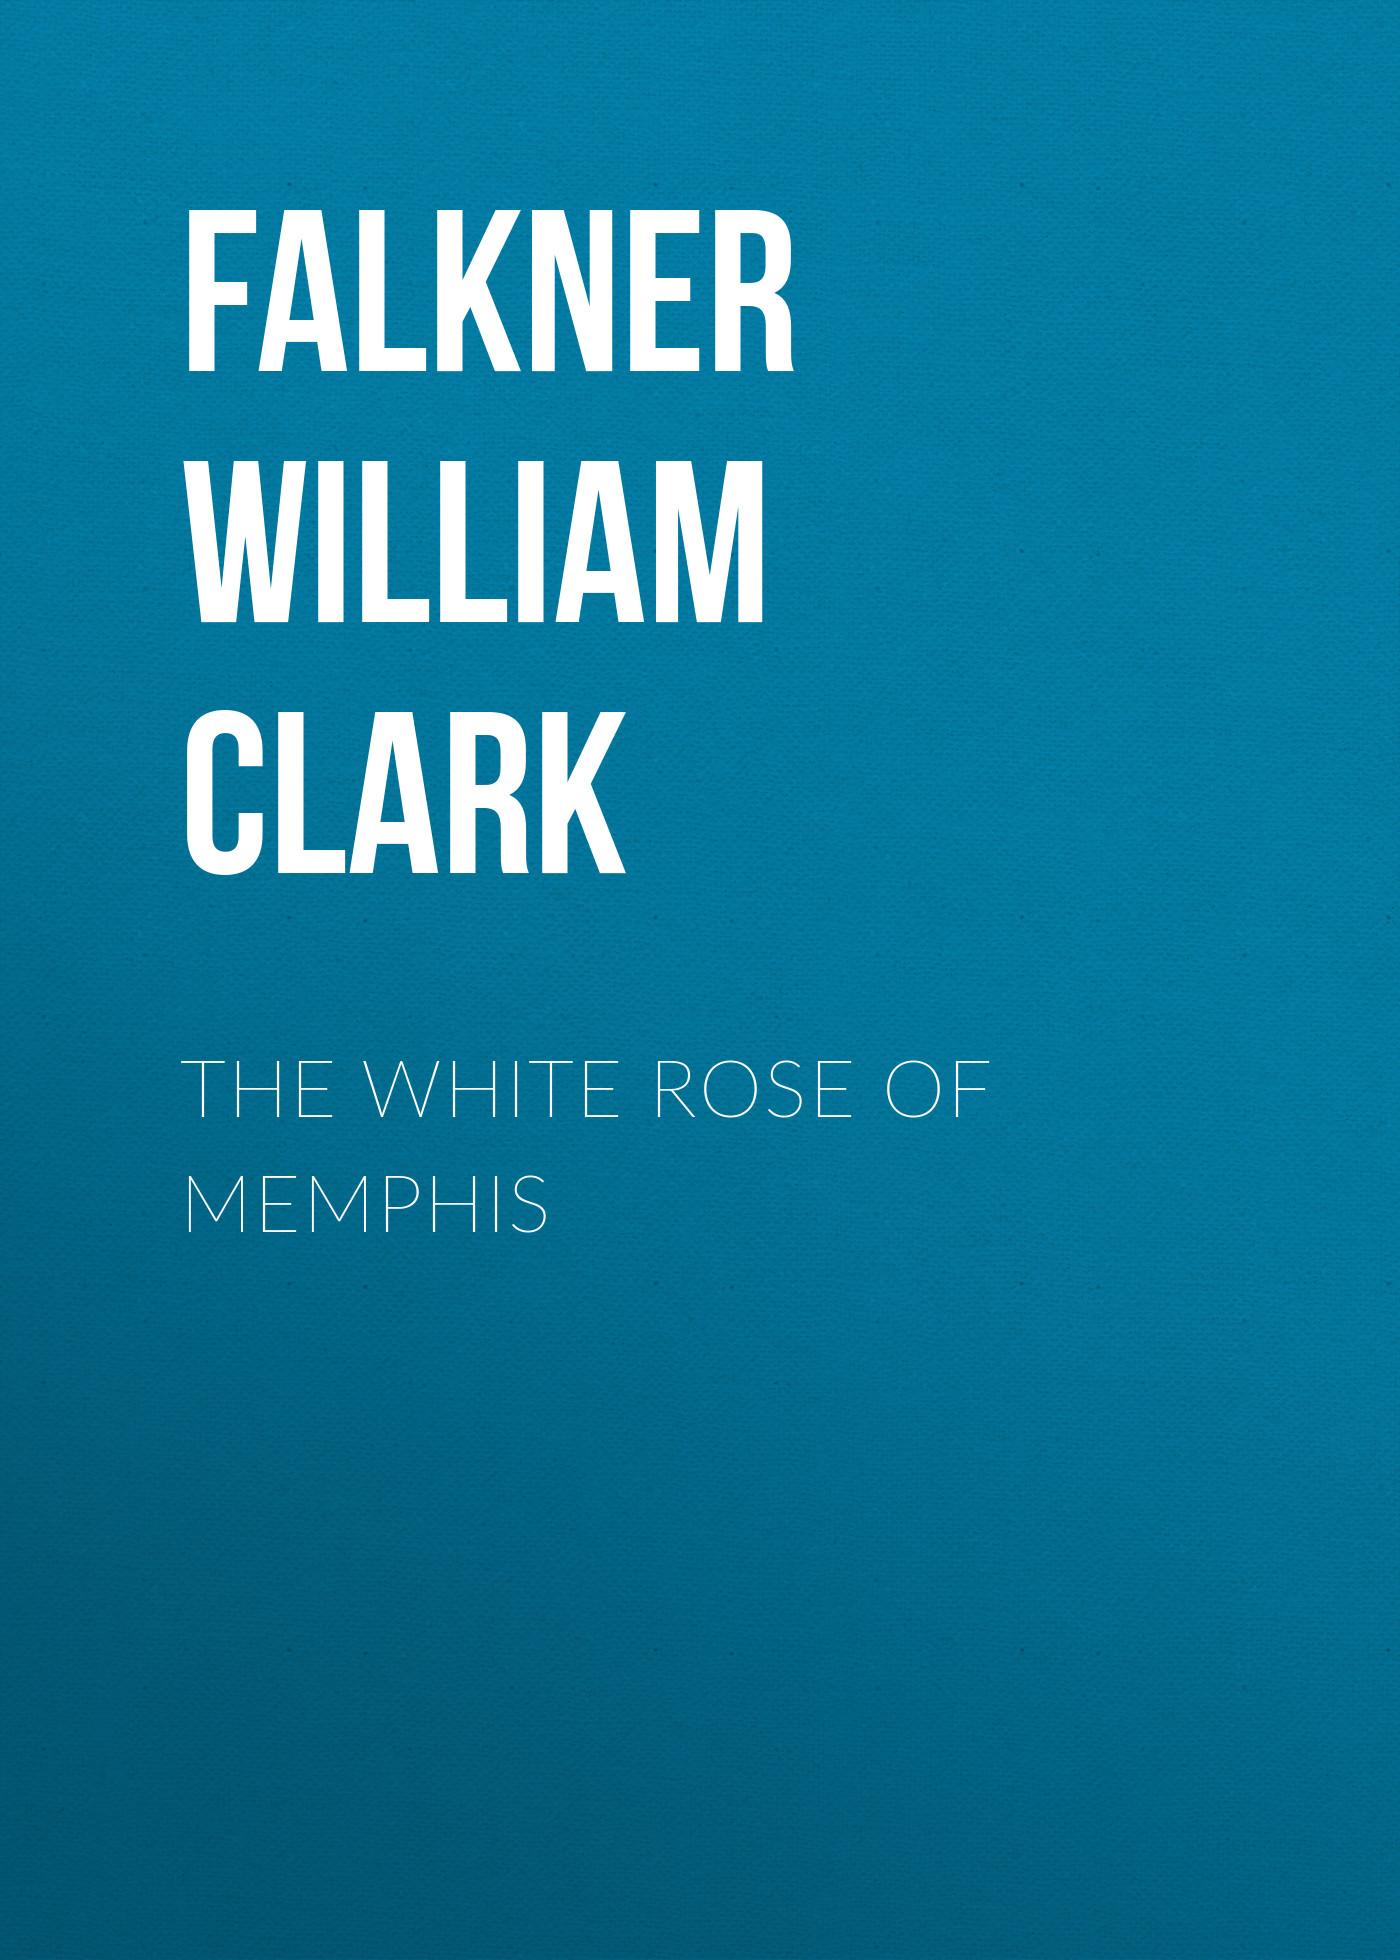 Falkner William Clark The White Rose of Memphis c clark prince of utopia